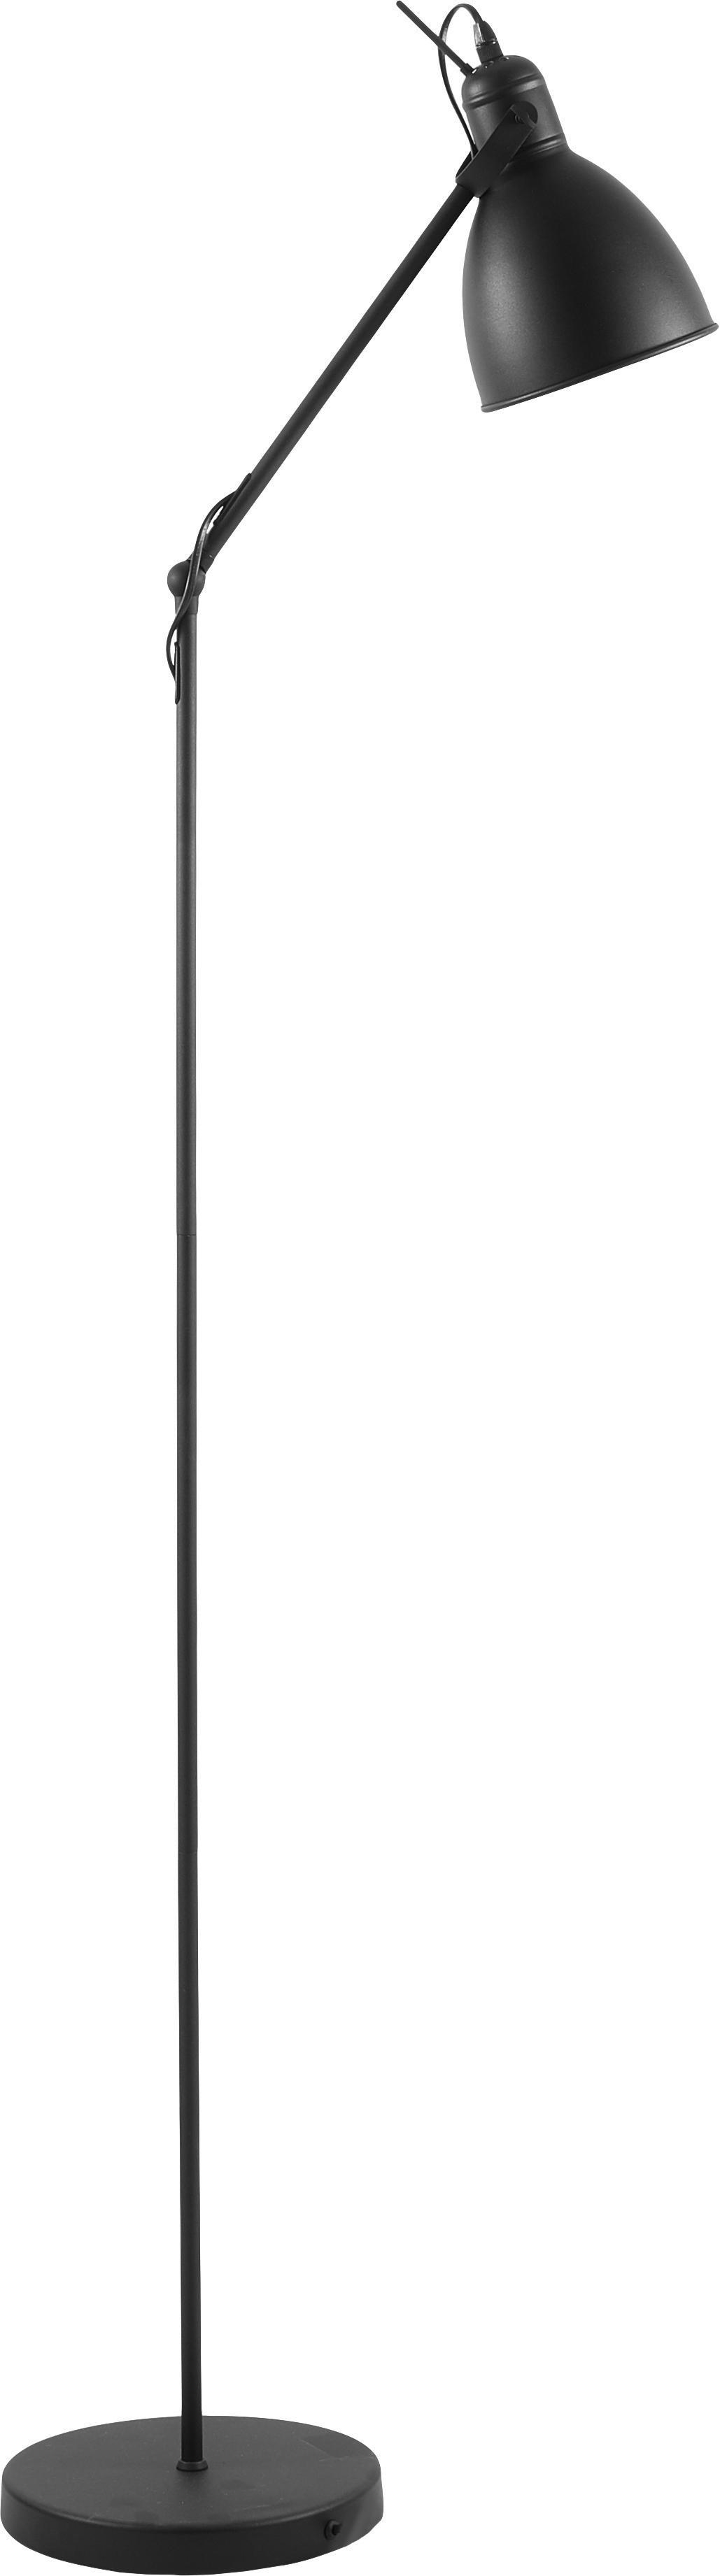 Lámpara de pie Ethan, Pantalla: metal con pintura en polv, Cable: plástico, Negro, ∅ 15 x Al 137 cm